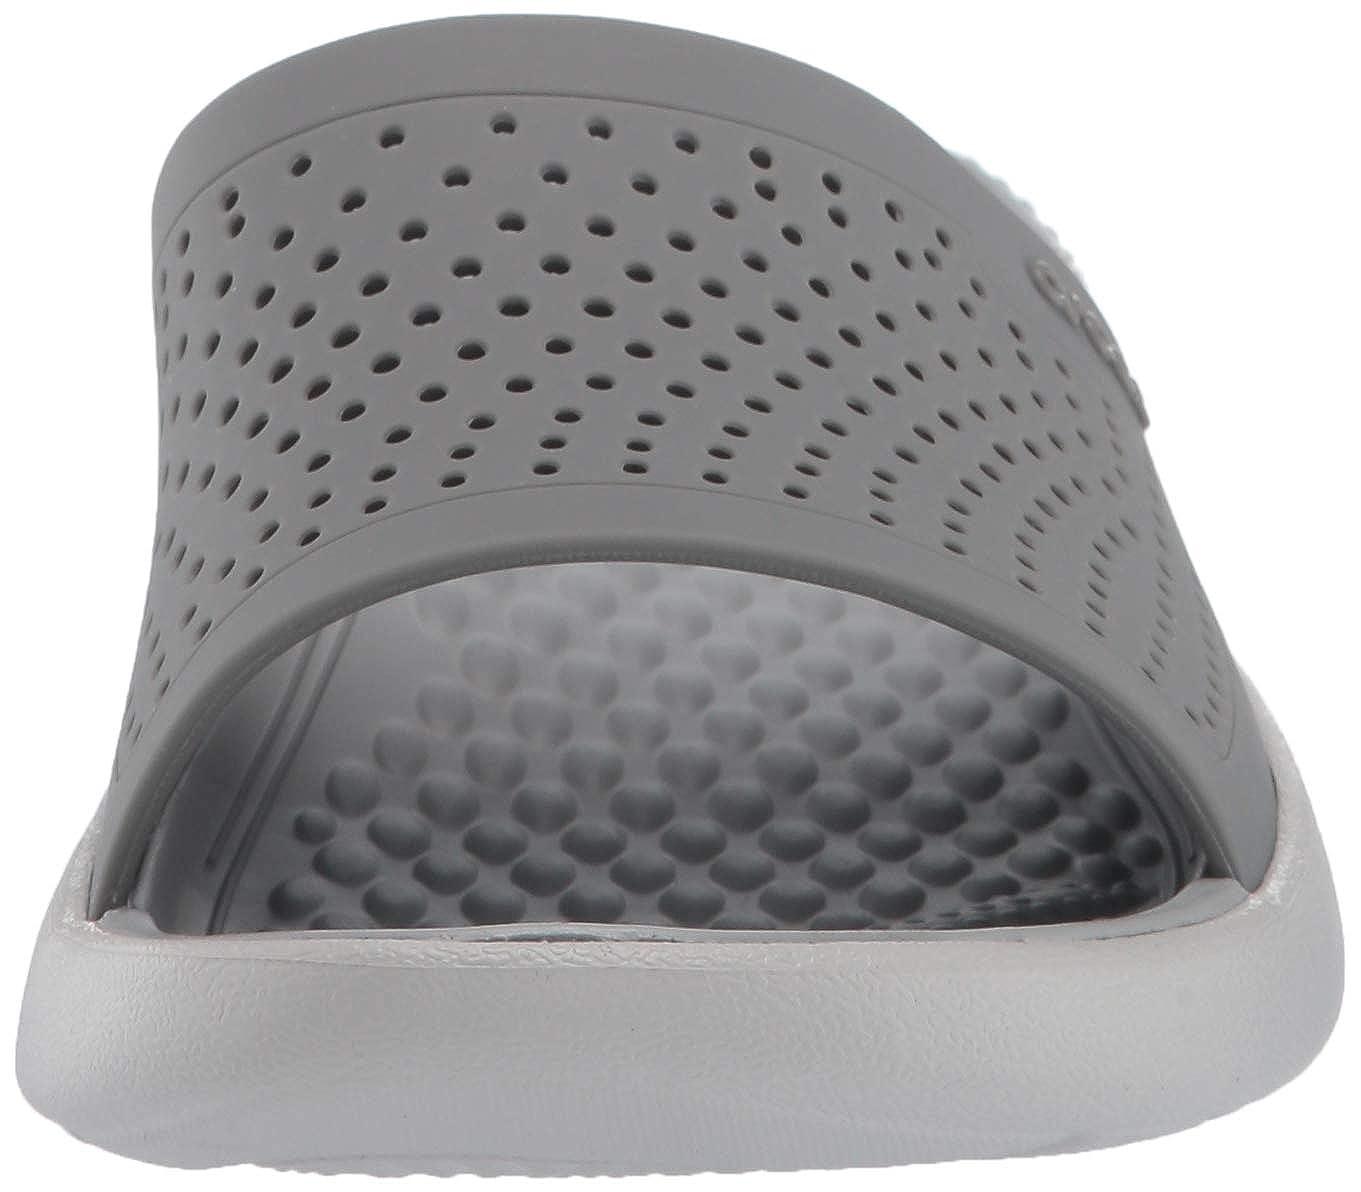 Crocs Literide Slide U Chaussures de Plage /& Piscine Mixte Adulte